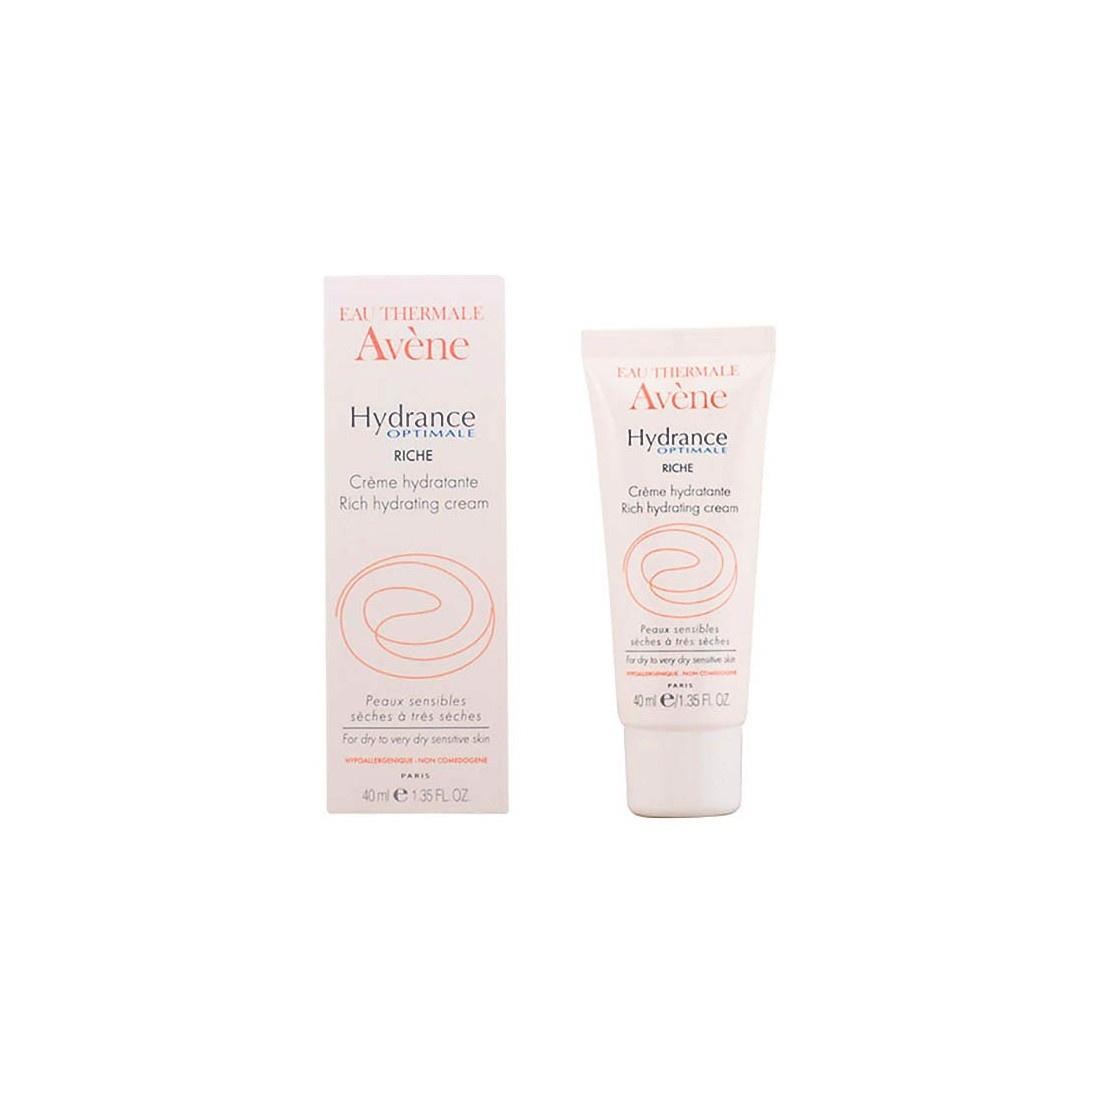 Крем для ухода за кожей Avene насыщенный увлажняющий SPF20 вред термальной воды